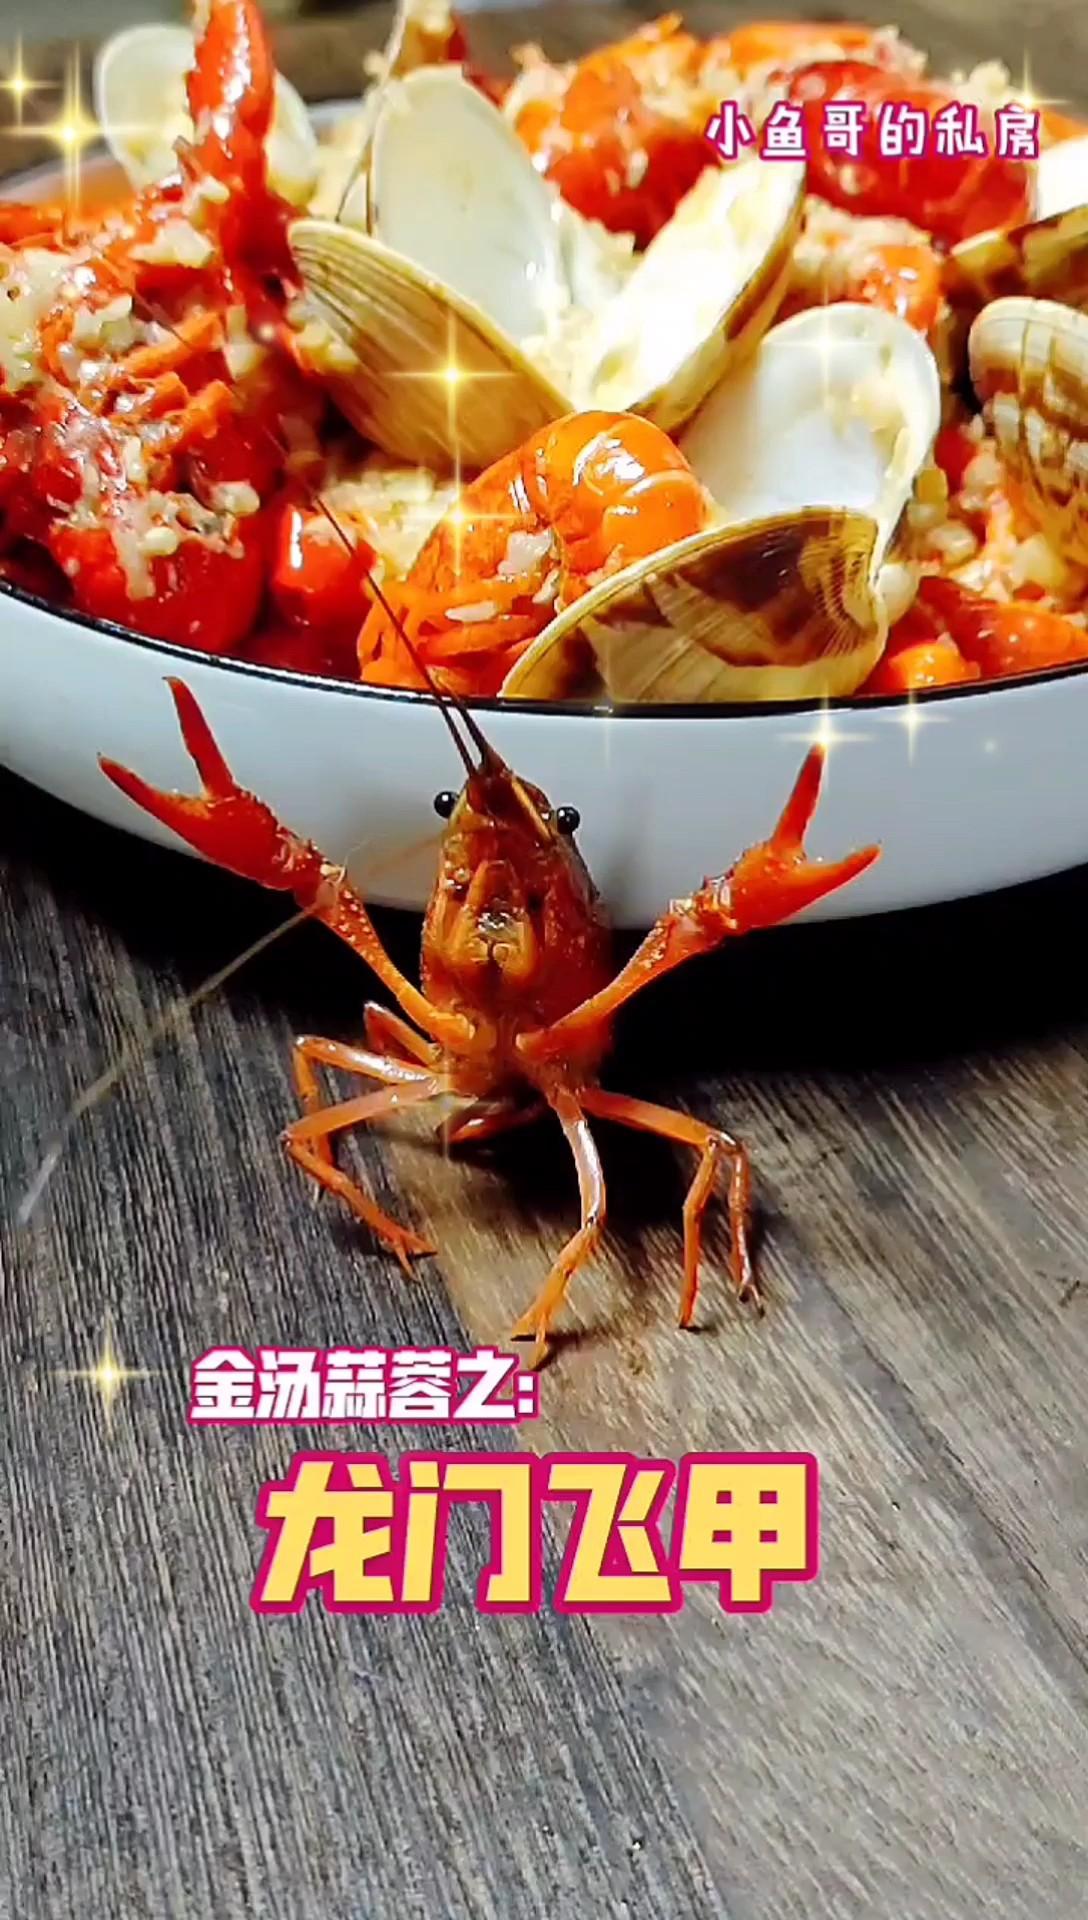 #深夜最馋的美食#小龙虾